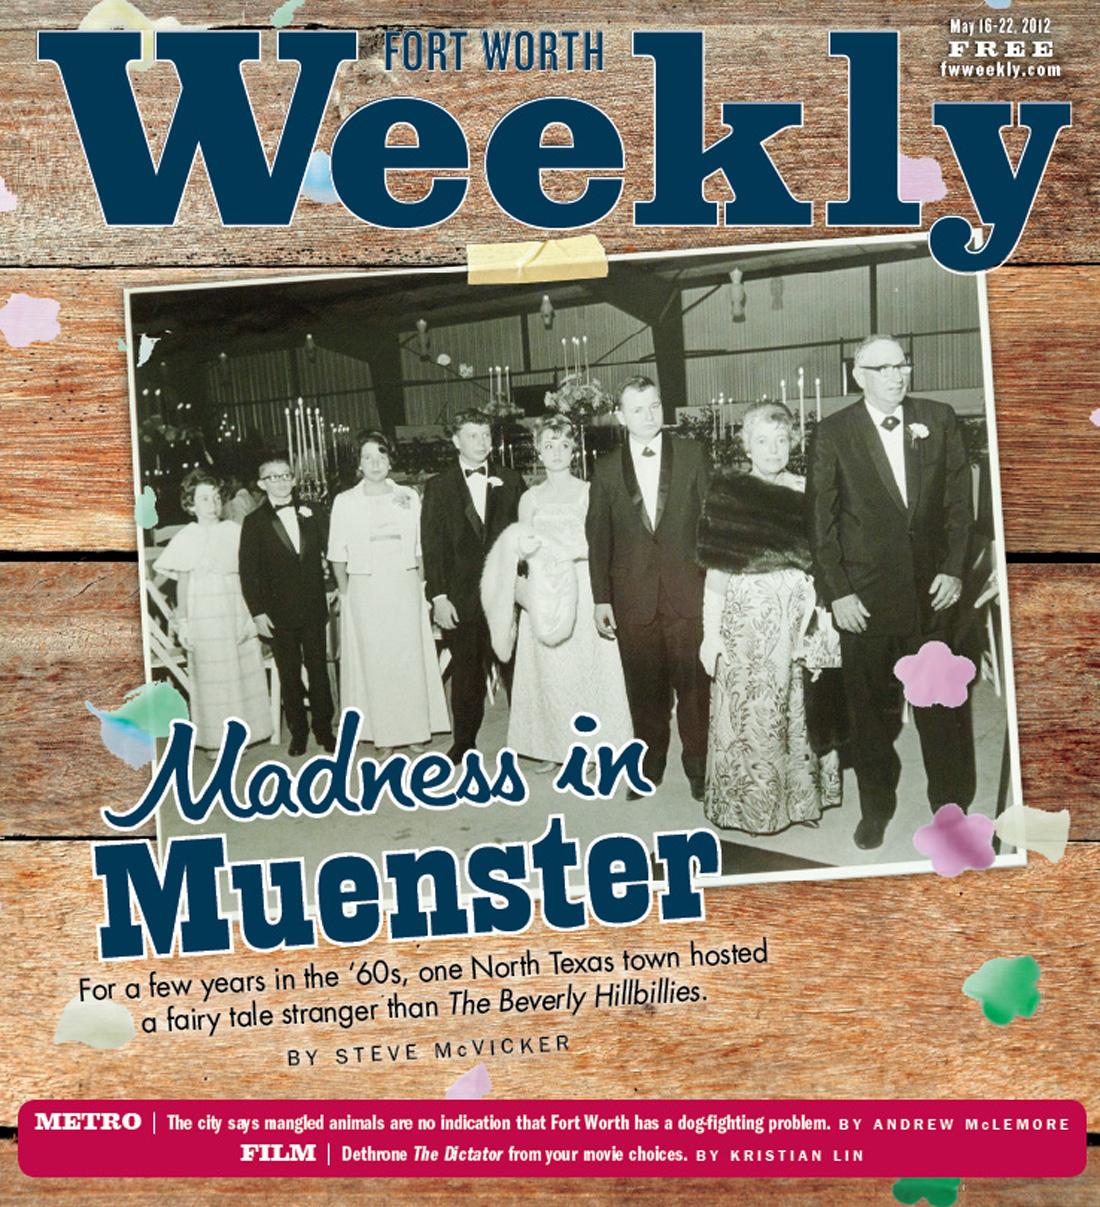 Meet Singles Over 50 in Muenster TX